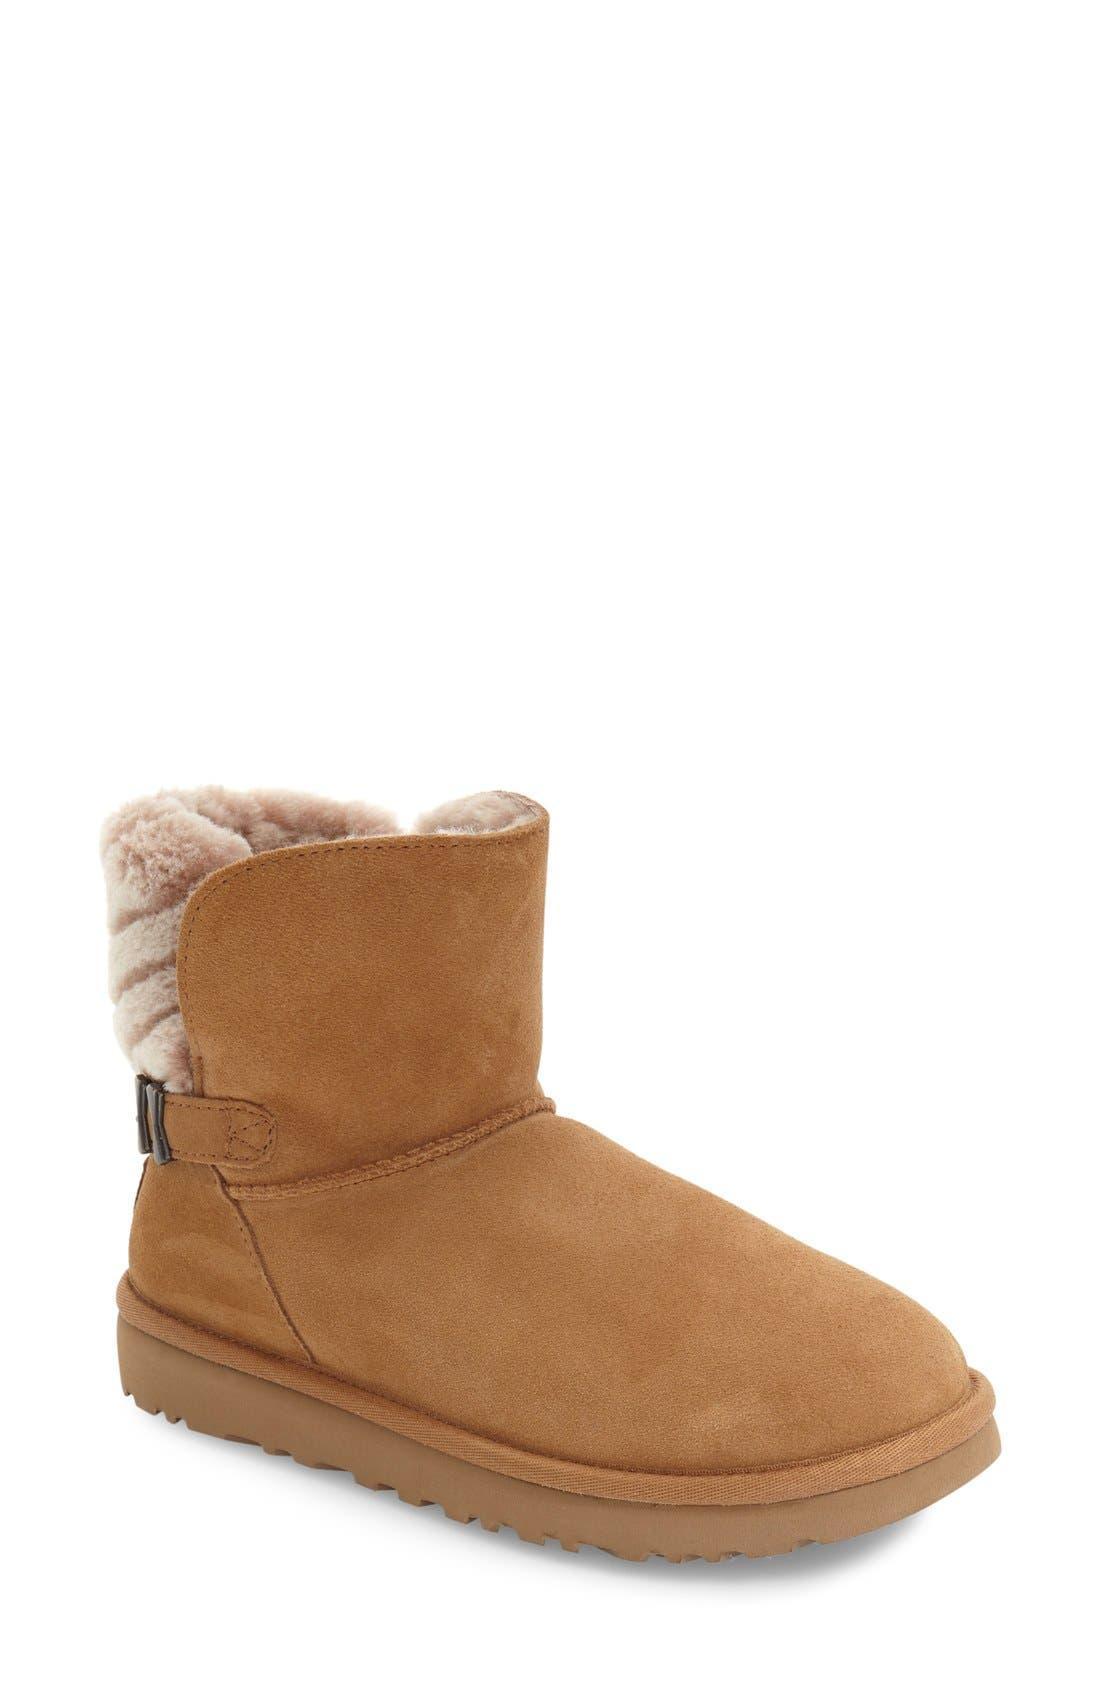 Main Image - UGG 'Adria' Boot (Women)